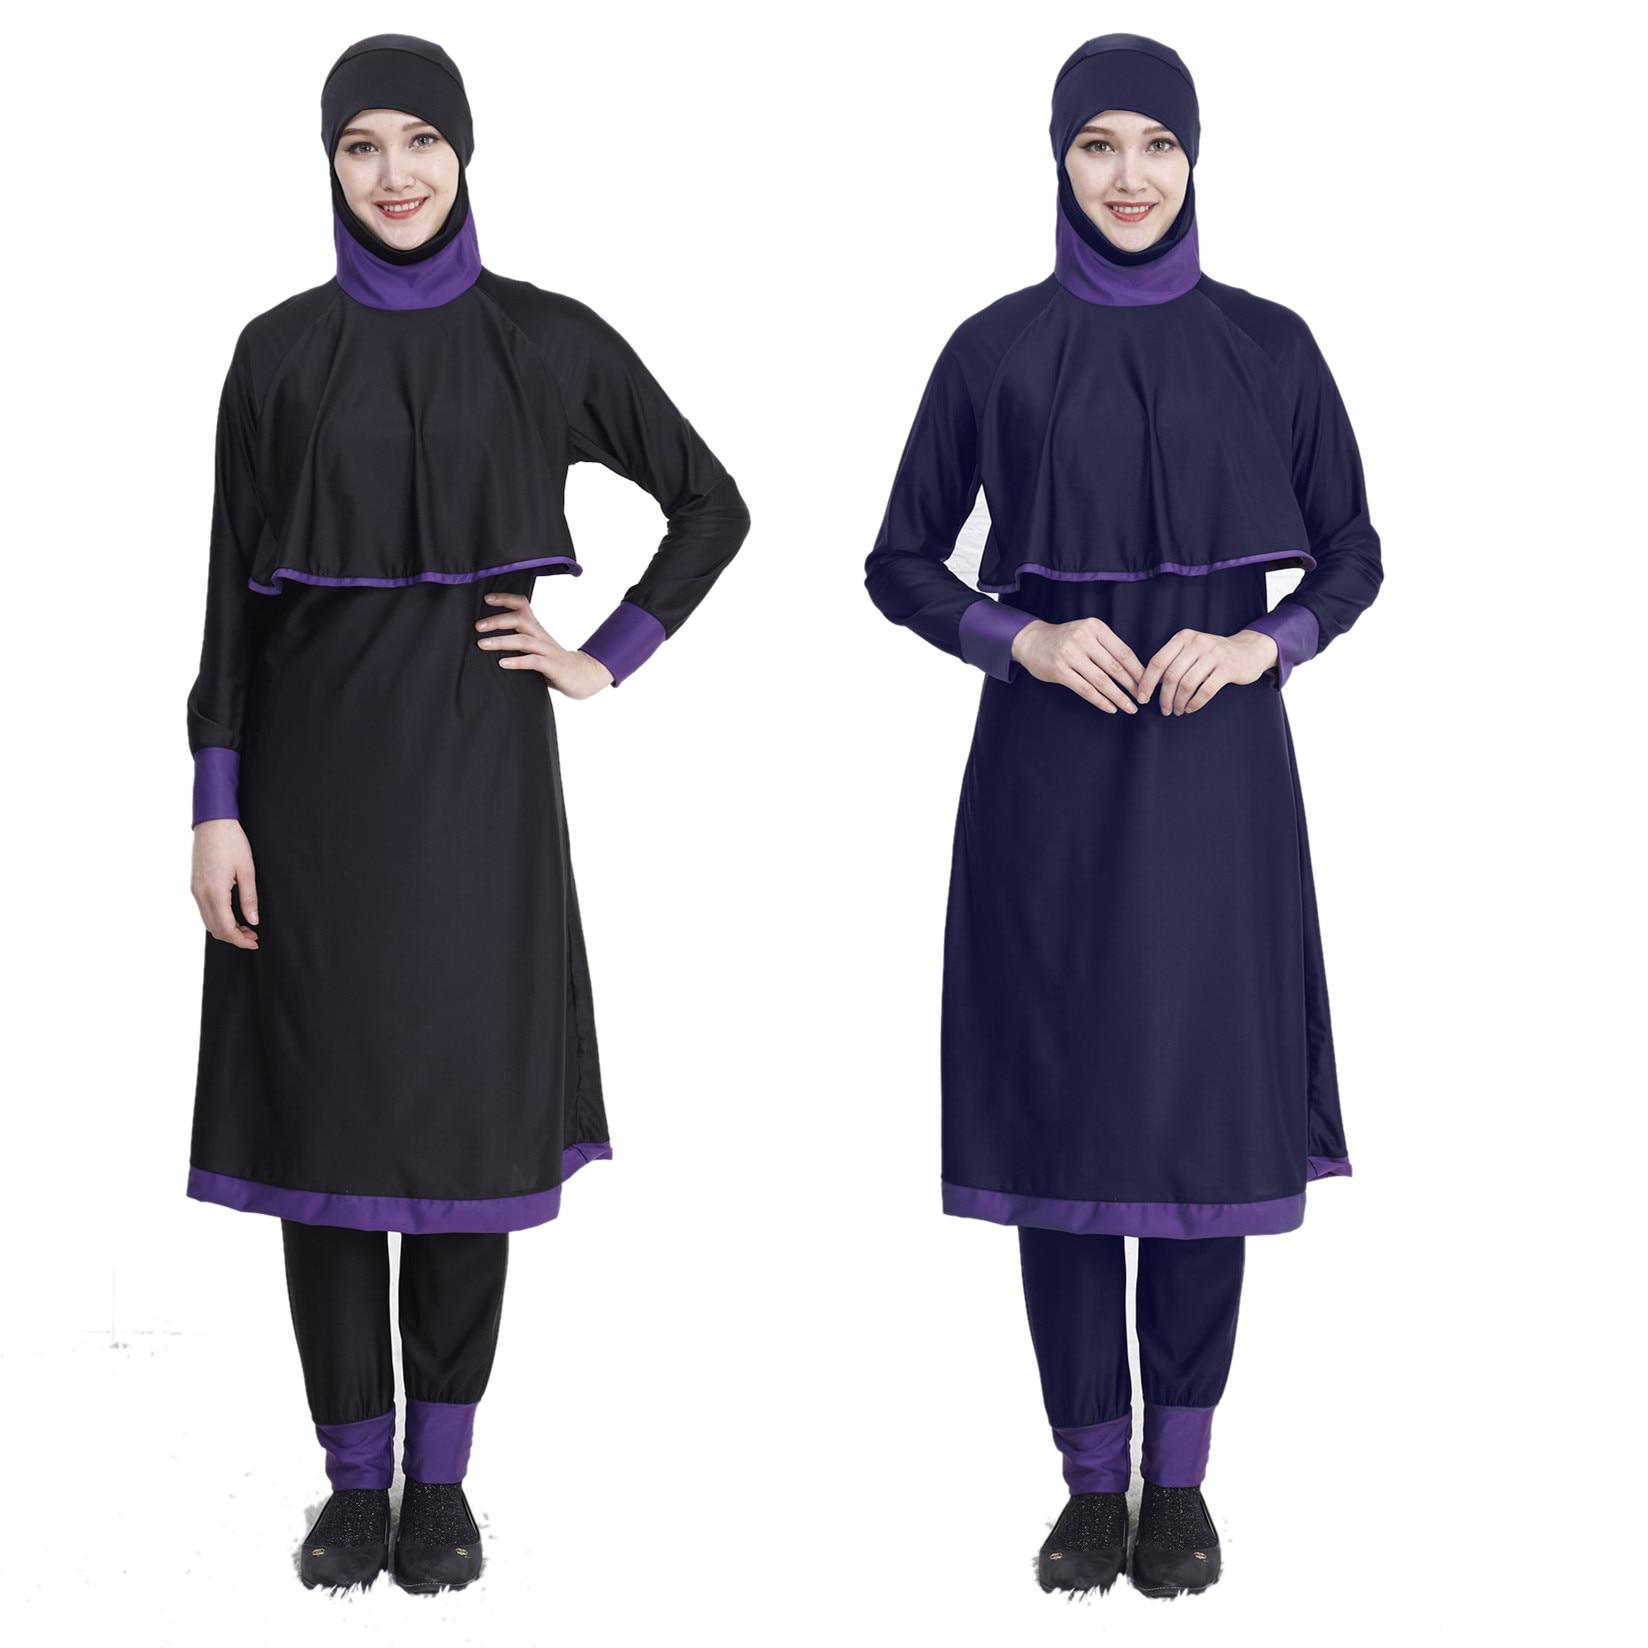 Swimwear Women Islamic muslim hooded Swim Wear 2 Piece Suit Hijab Swimsuit Modest Swim Surf Wear Sport maillot de bain islamique